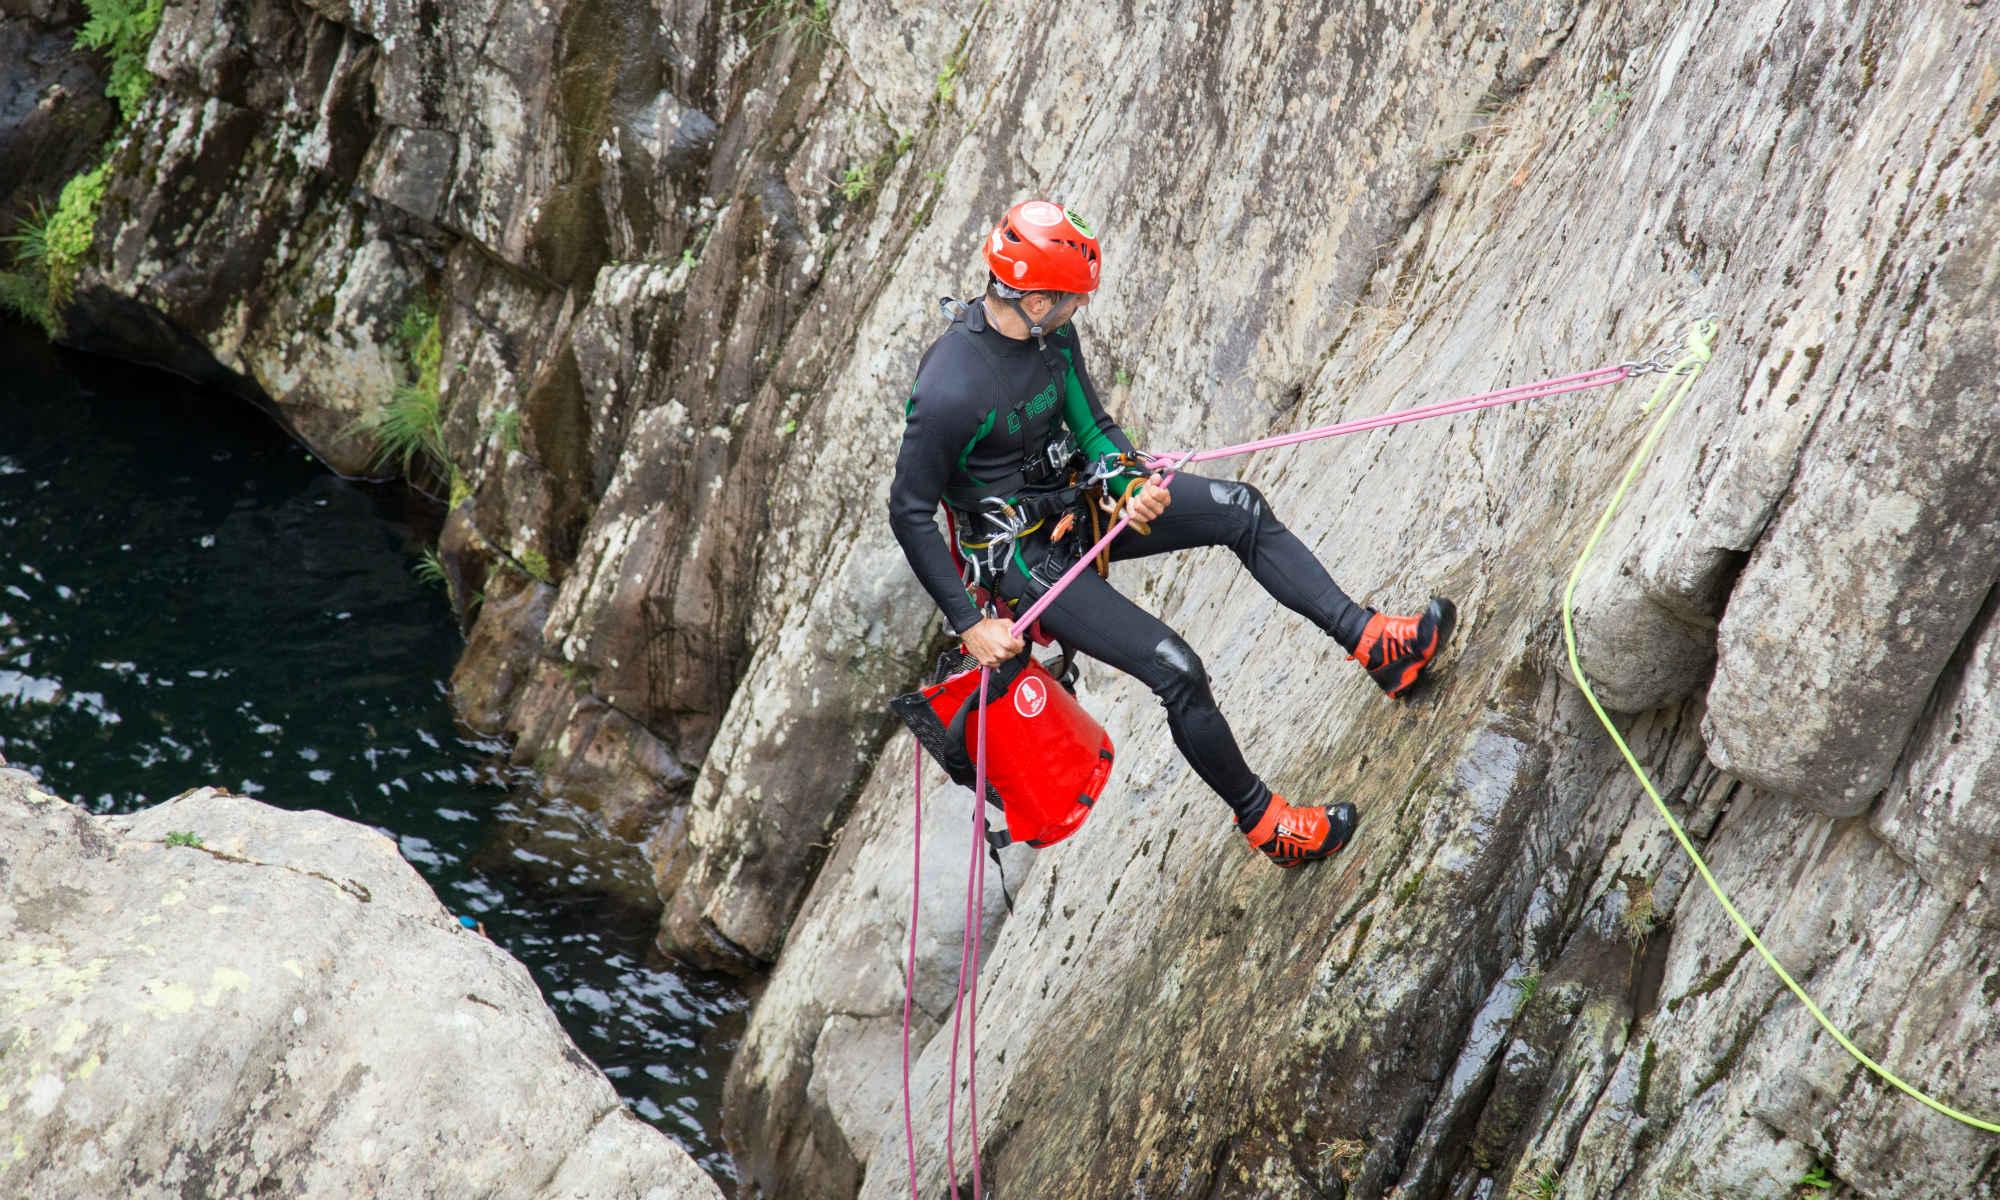 Ein Mann seilt sich mit Sicherung an einer Felswand ab.